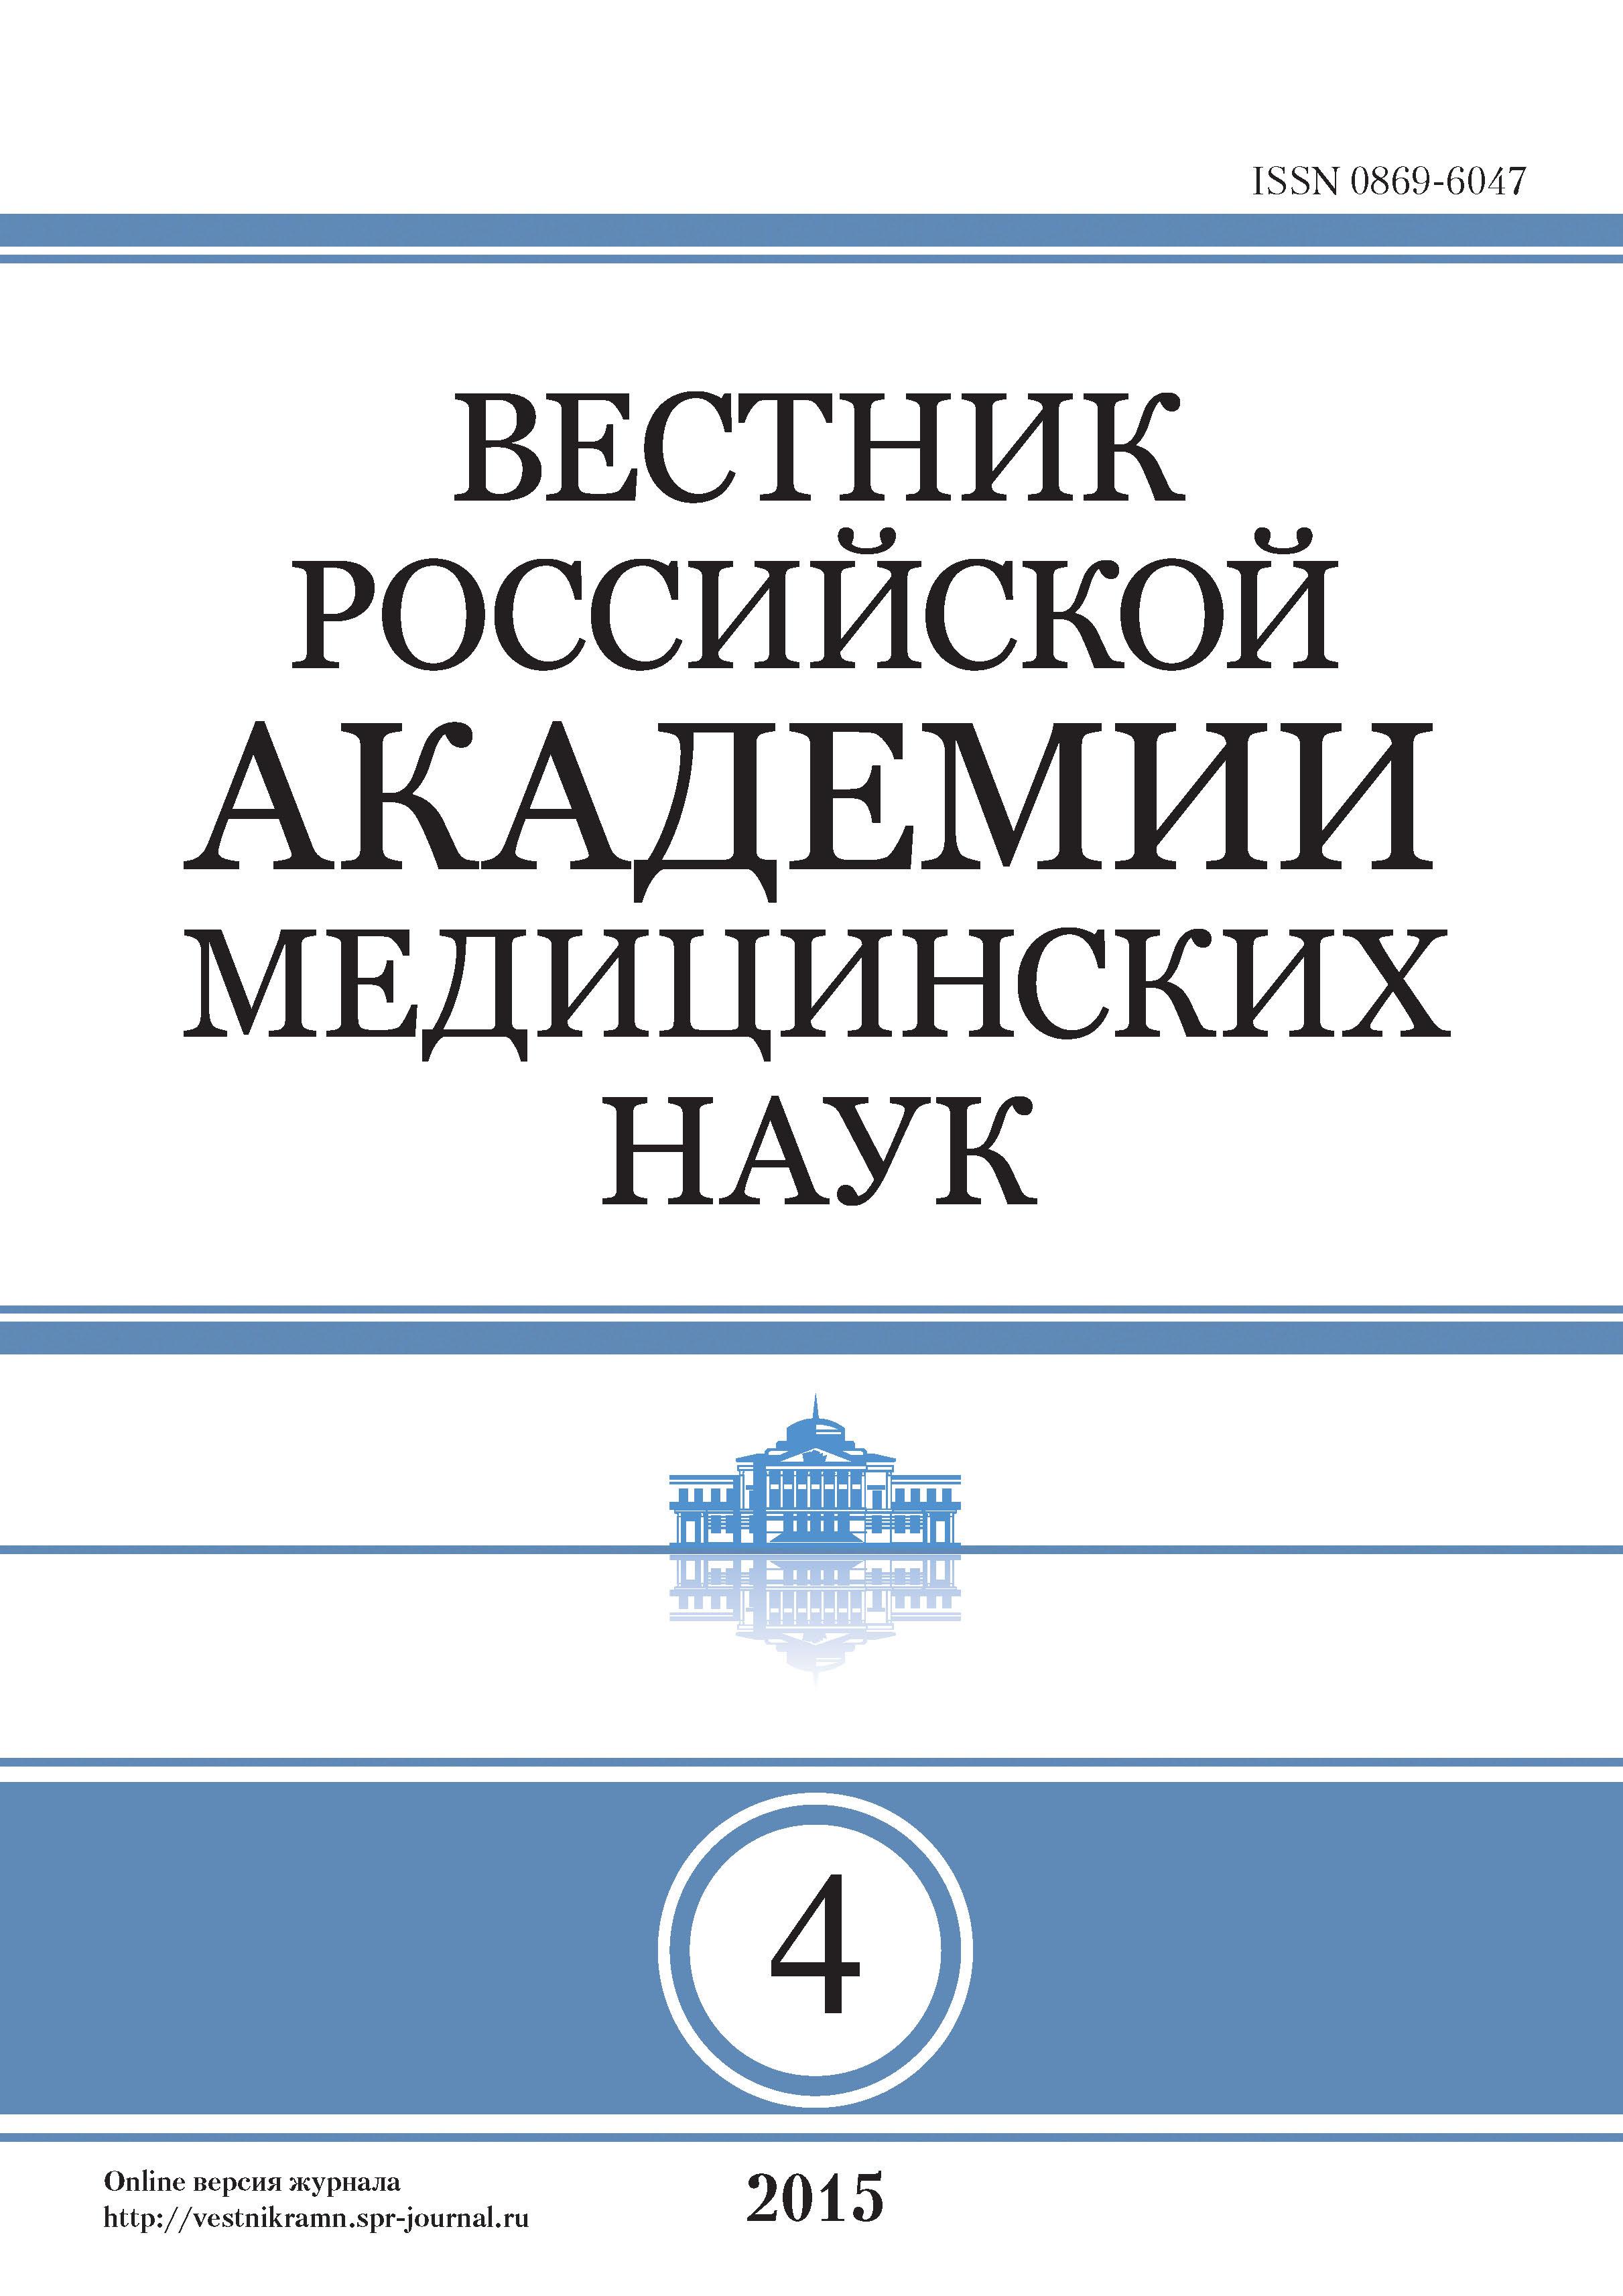 Отсутствует Вестник Российской академии медицинских наук №4/2015